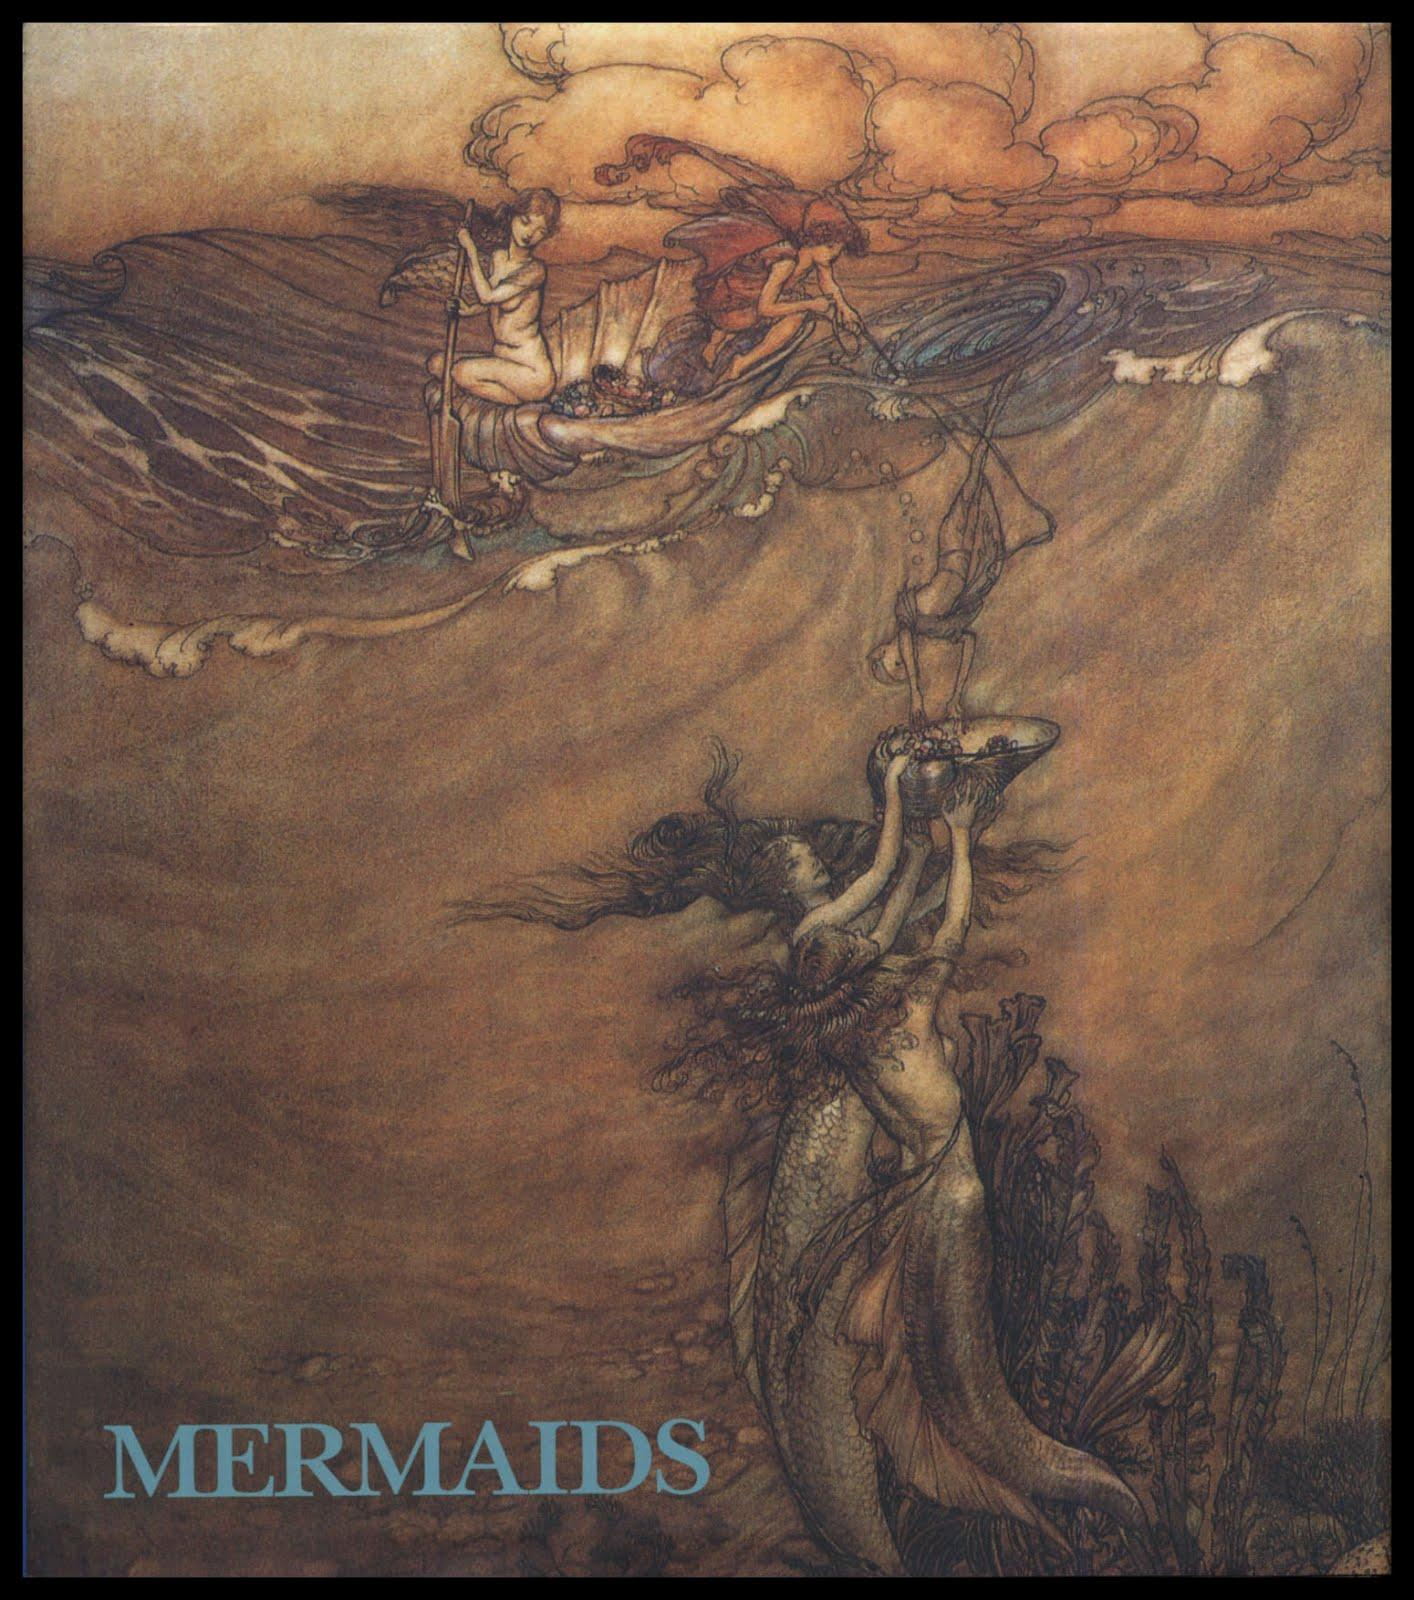 Rackham_Mermaids_BookCover_100.jpg (1414×1600)